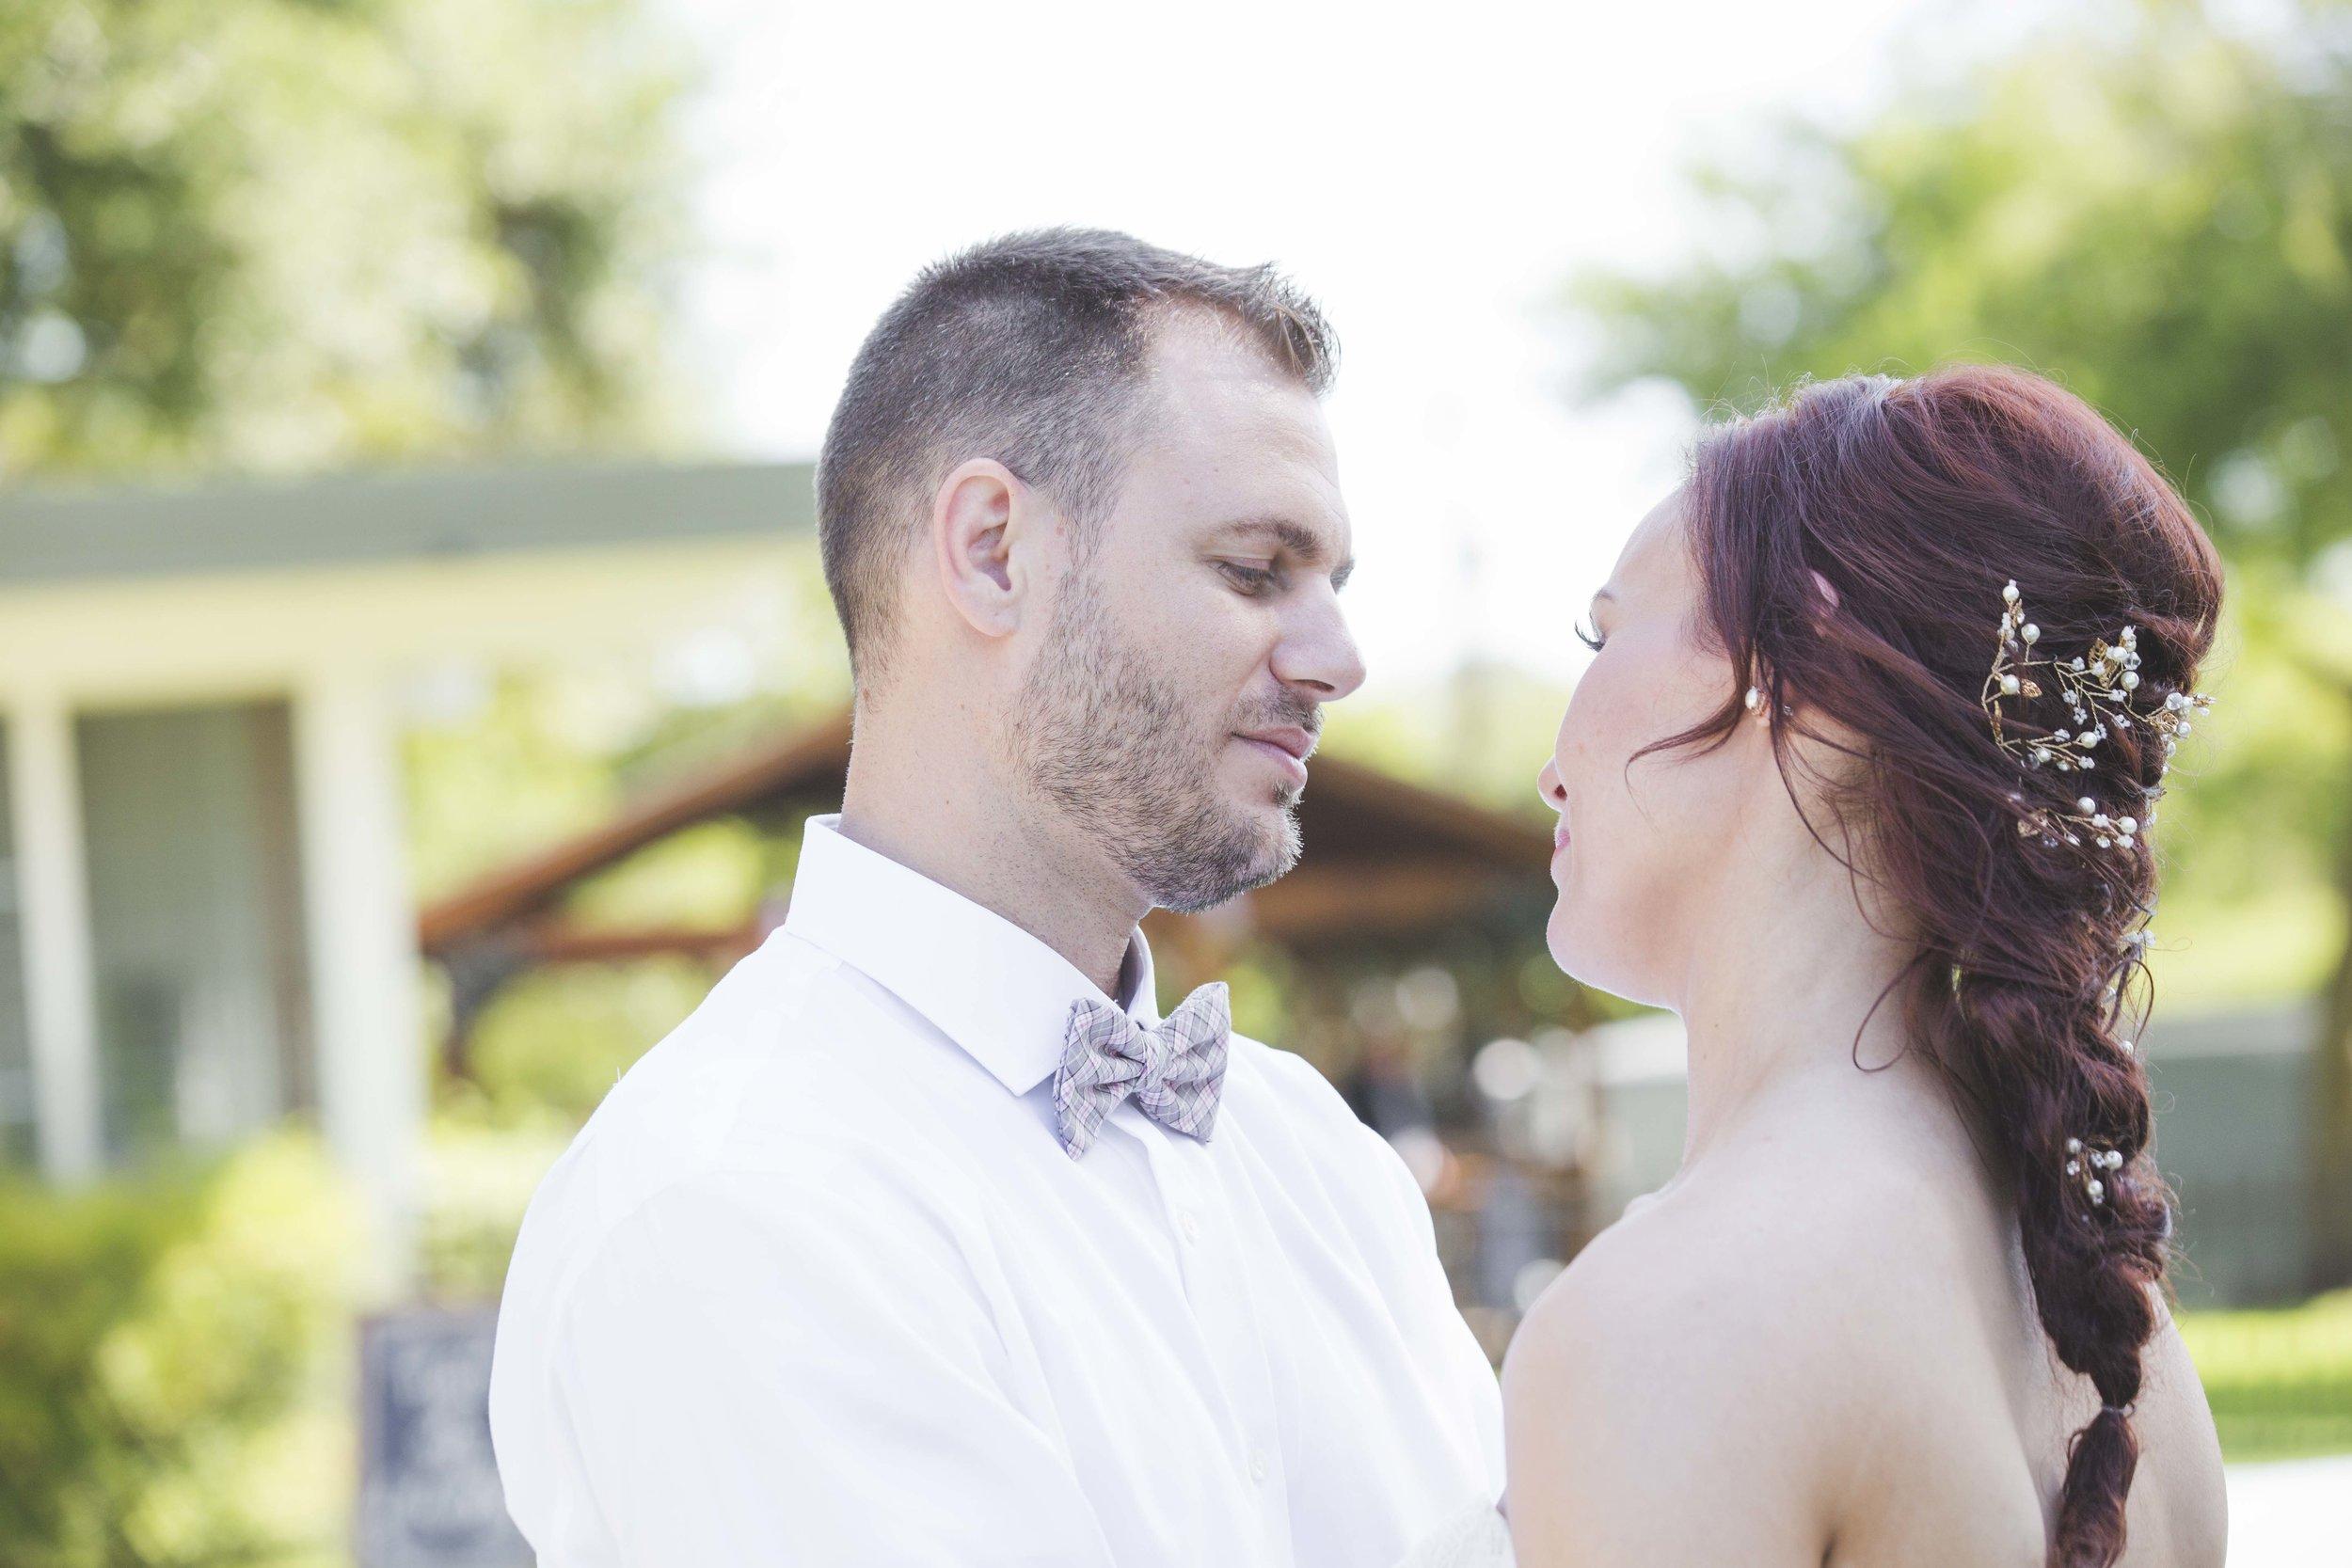 ATGI_Susanna & Matt Wedding_717A7322.jpg